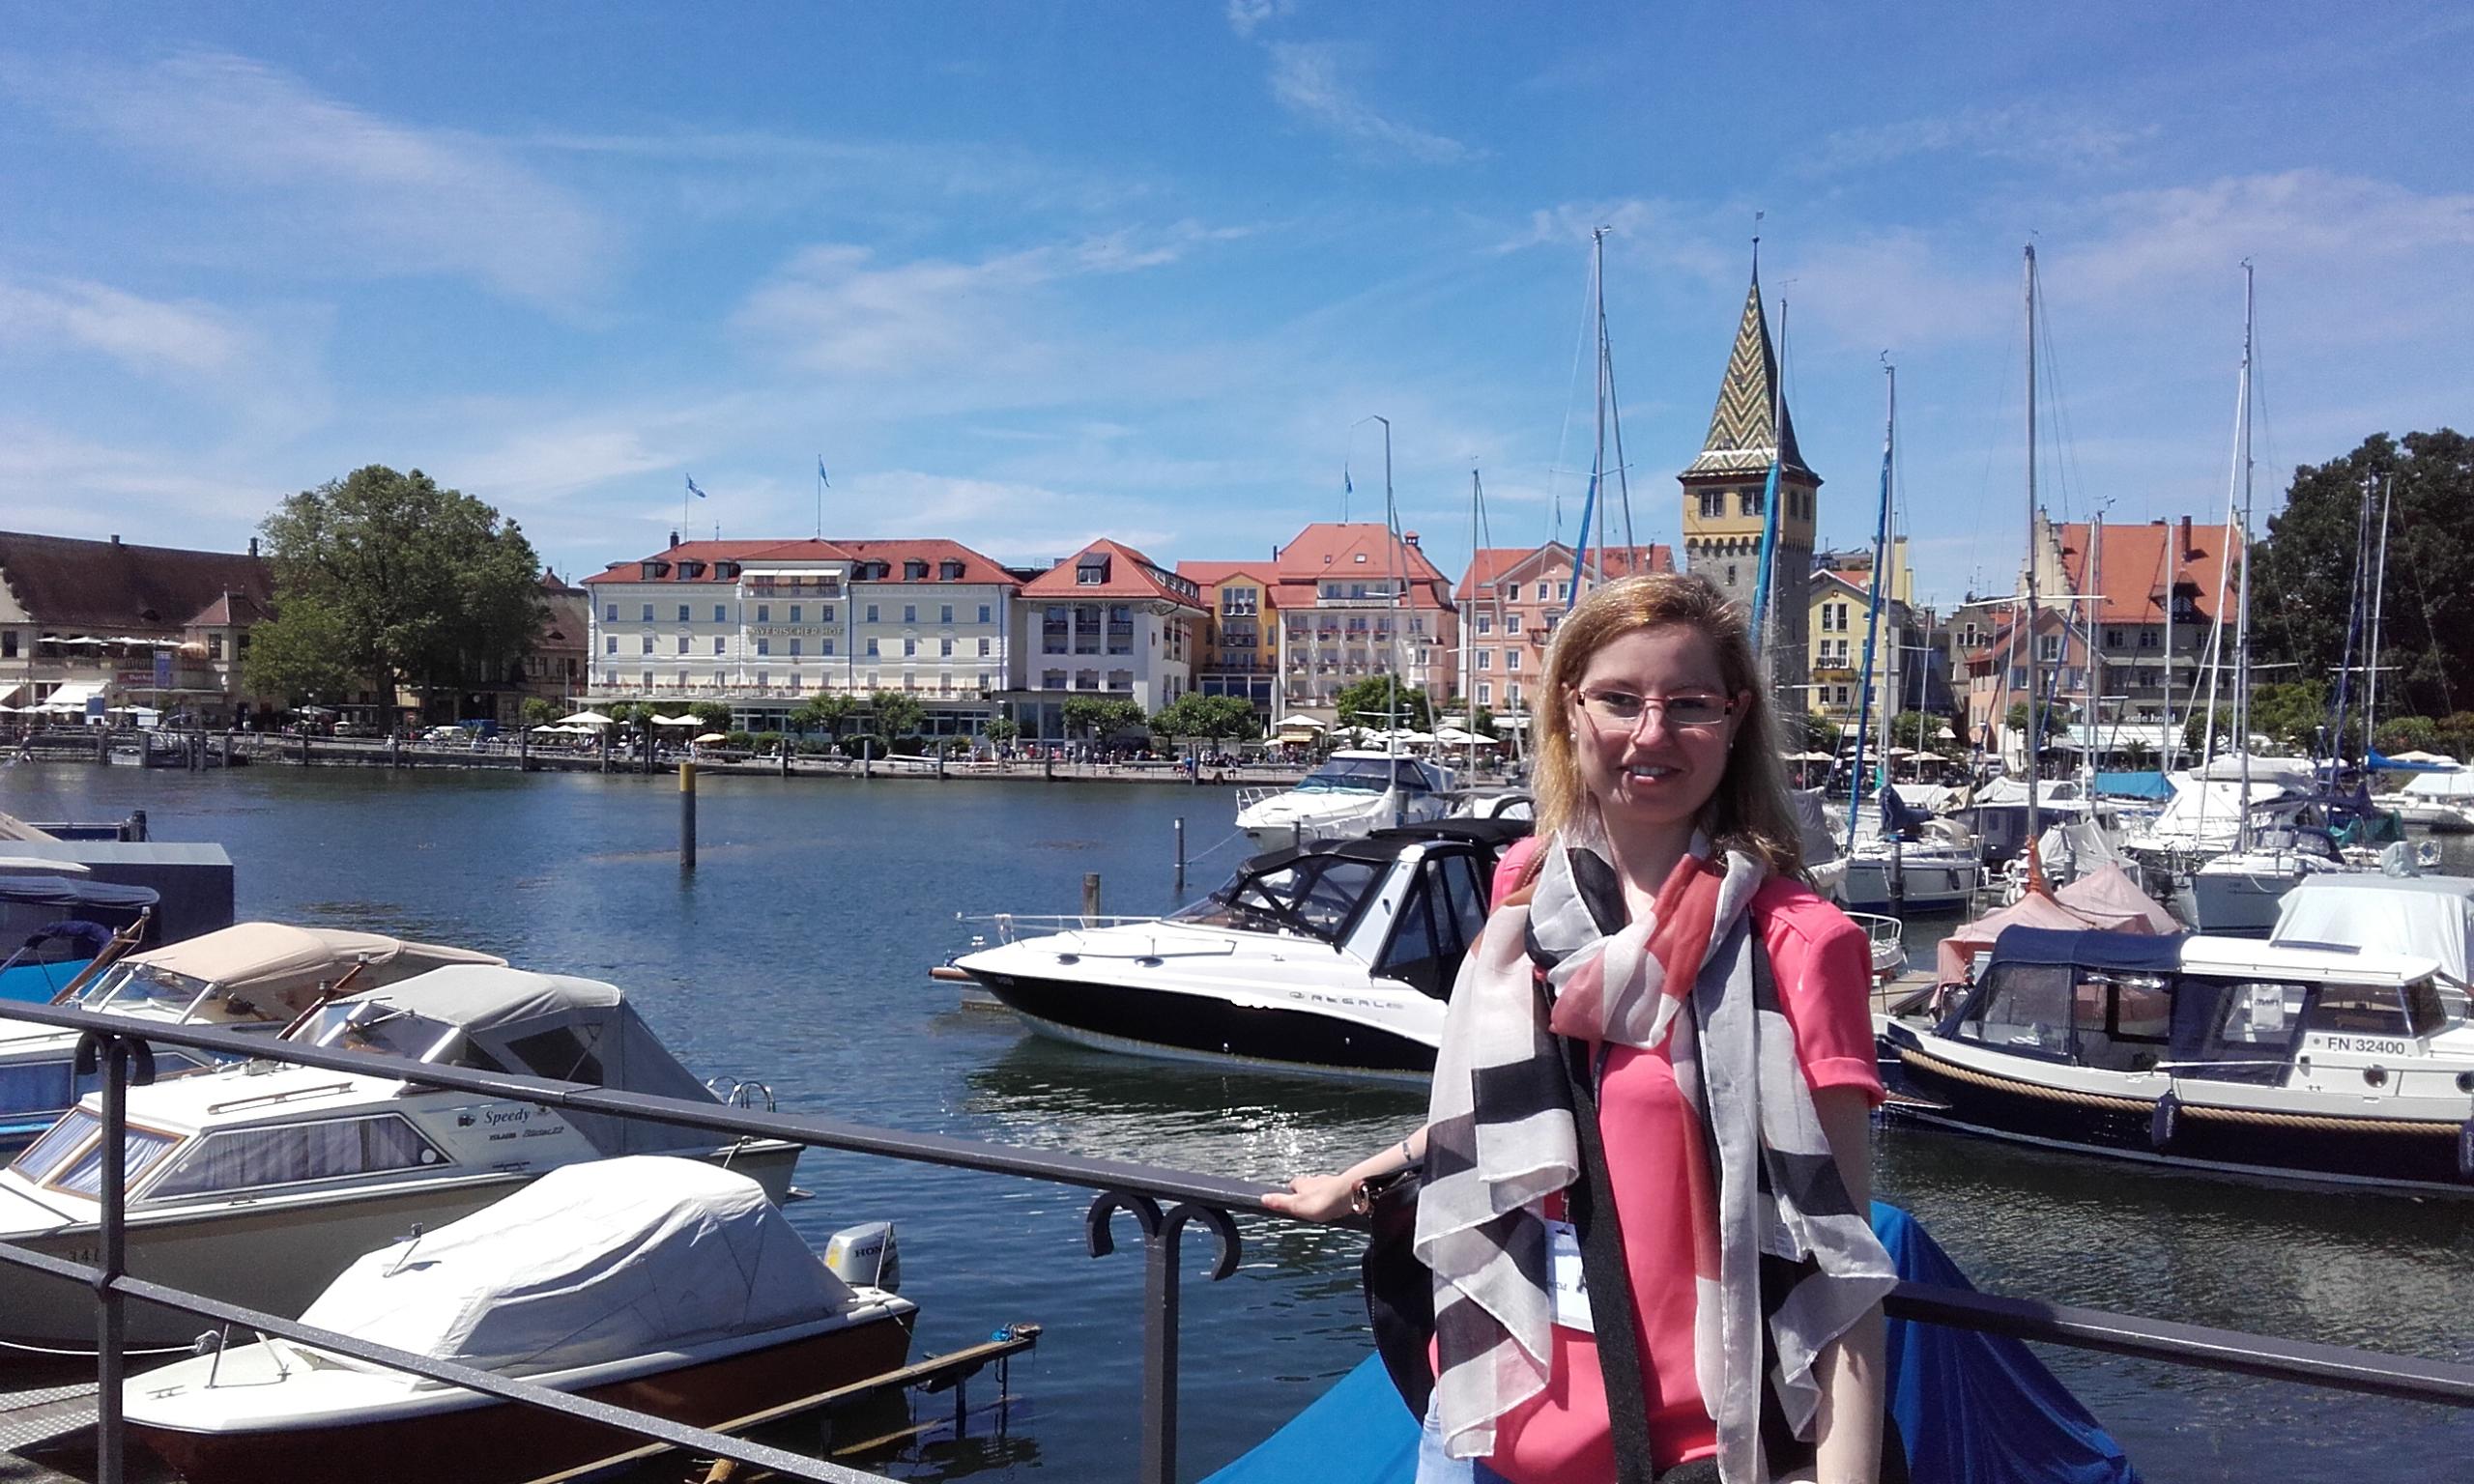 Ana at the harbor in Lindau